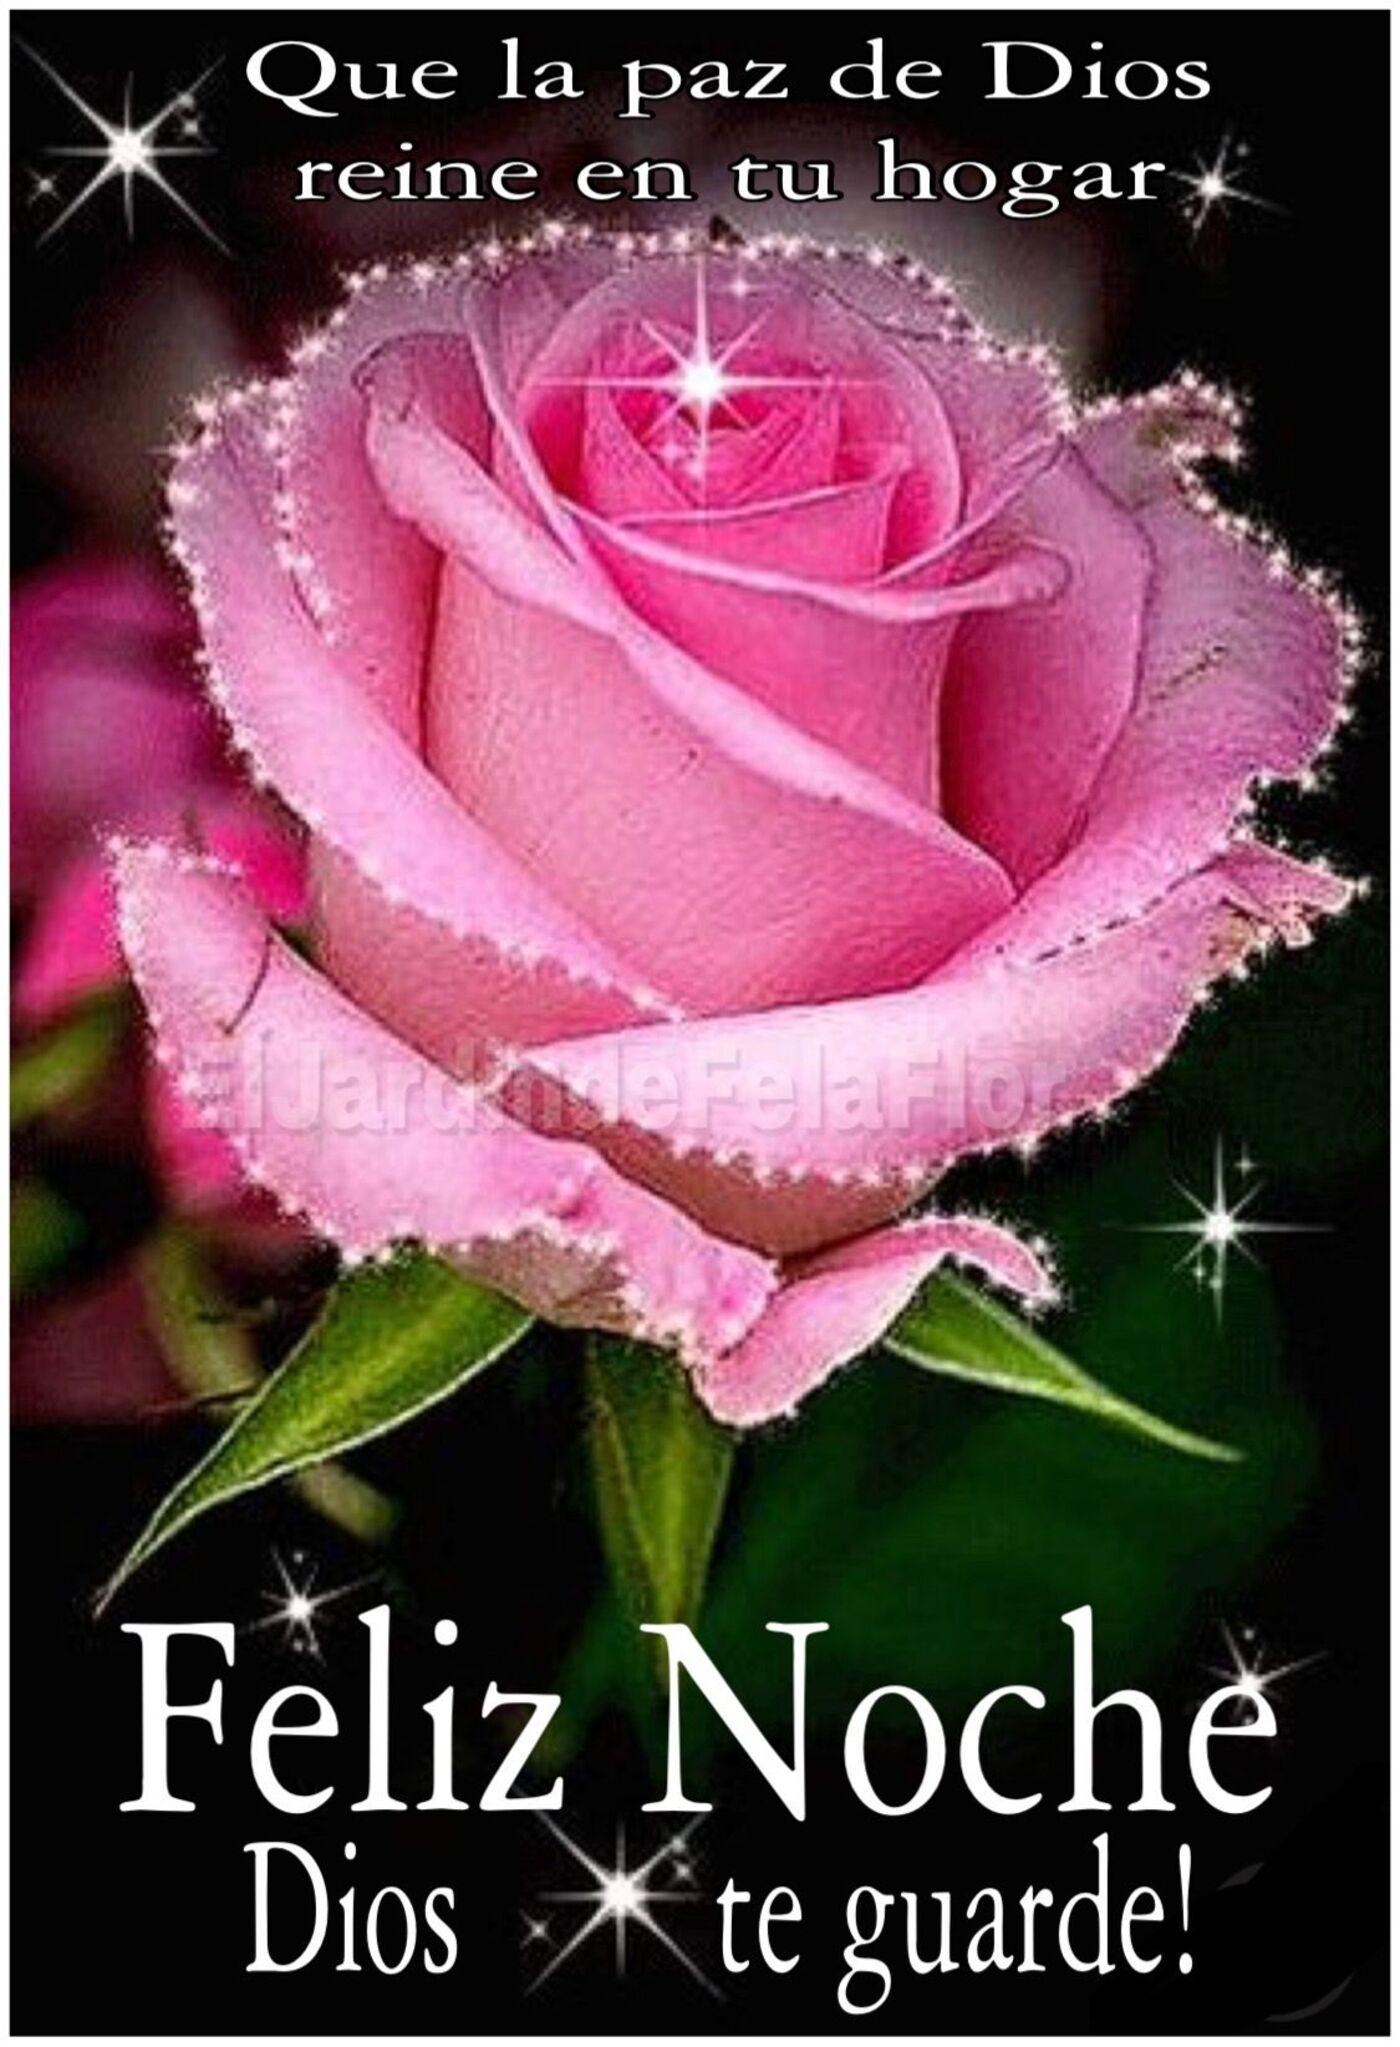 Que la paz de Dios reine en tu hogar! Feliz noche Dios te guarde!